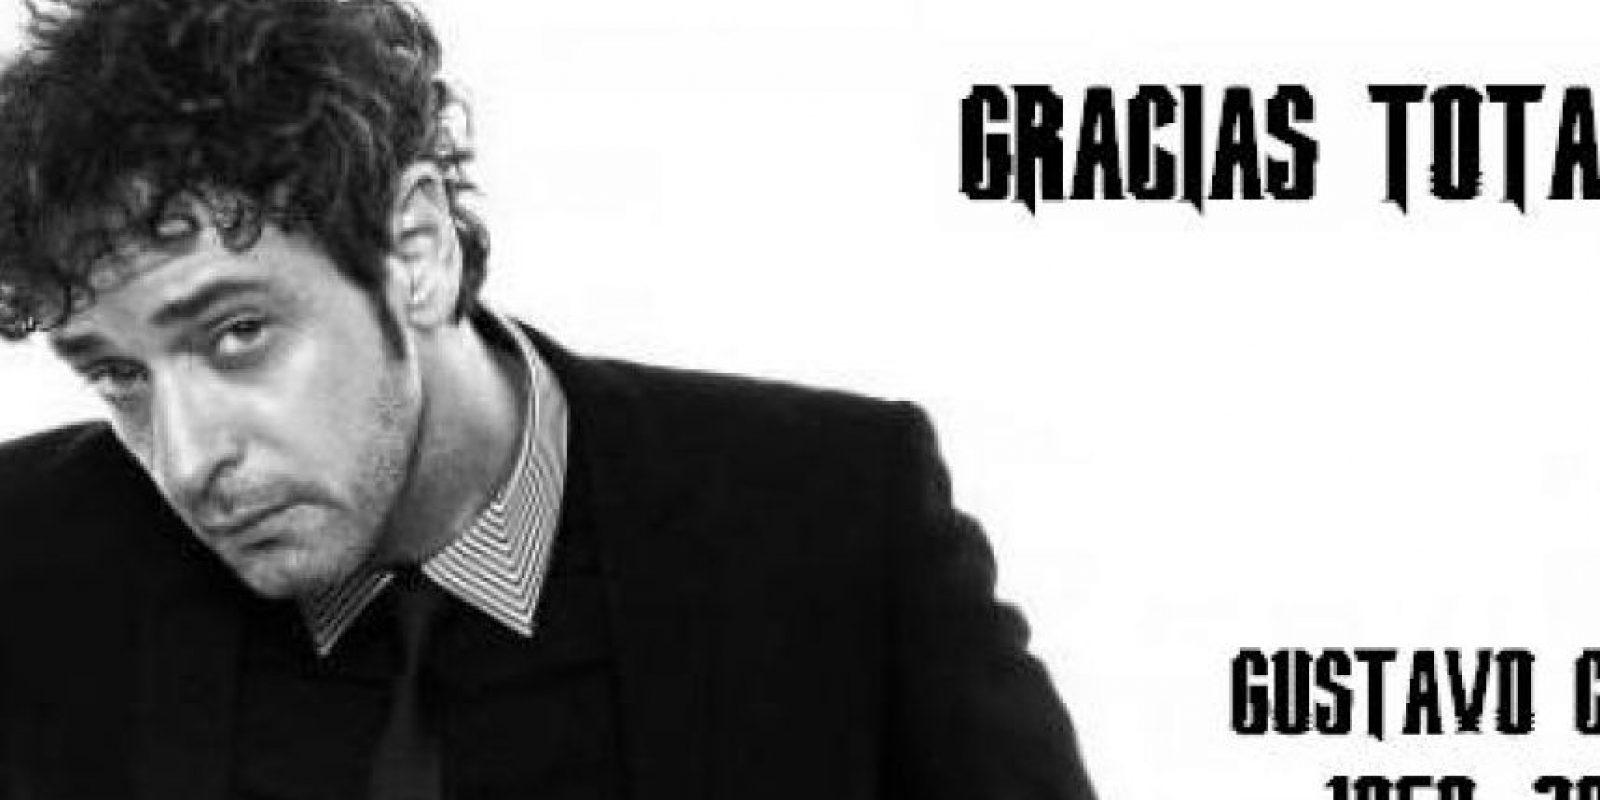 GUSTAVO CERATI (55 años), músico argentino que fue una de las figuras más reconocidas del rock en español, primero con el mítico grupo Soda Stereo y luego en solitario. Llevaba más de cuatro años en coma profundo a raíz de un accidente cerebrovascular. Foto:Publinews